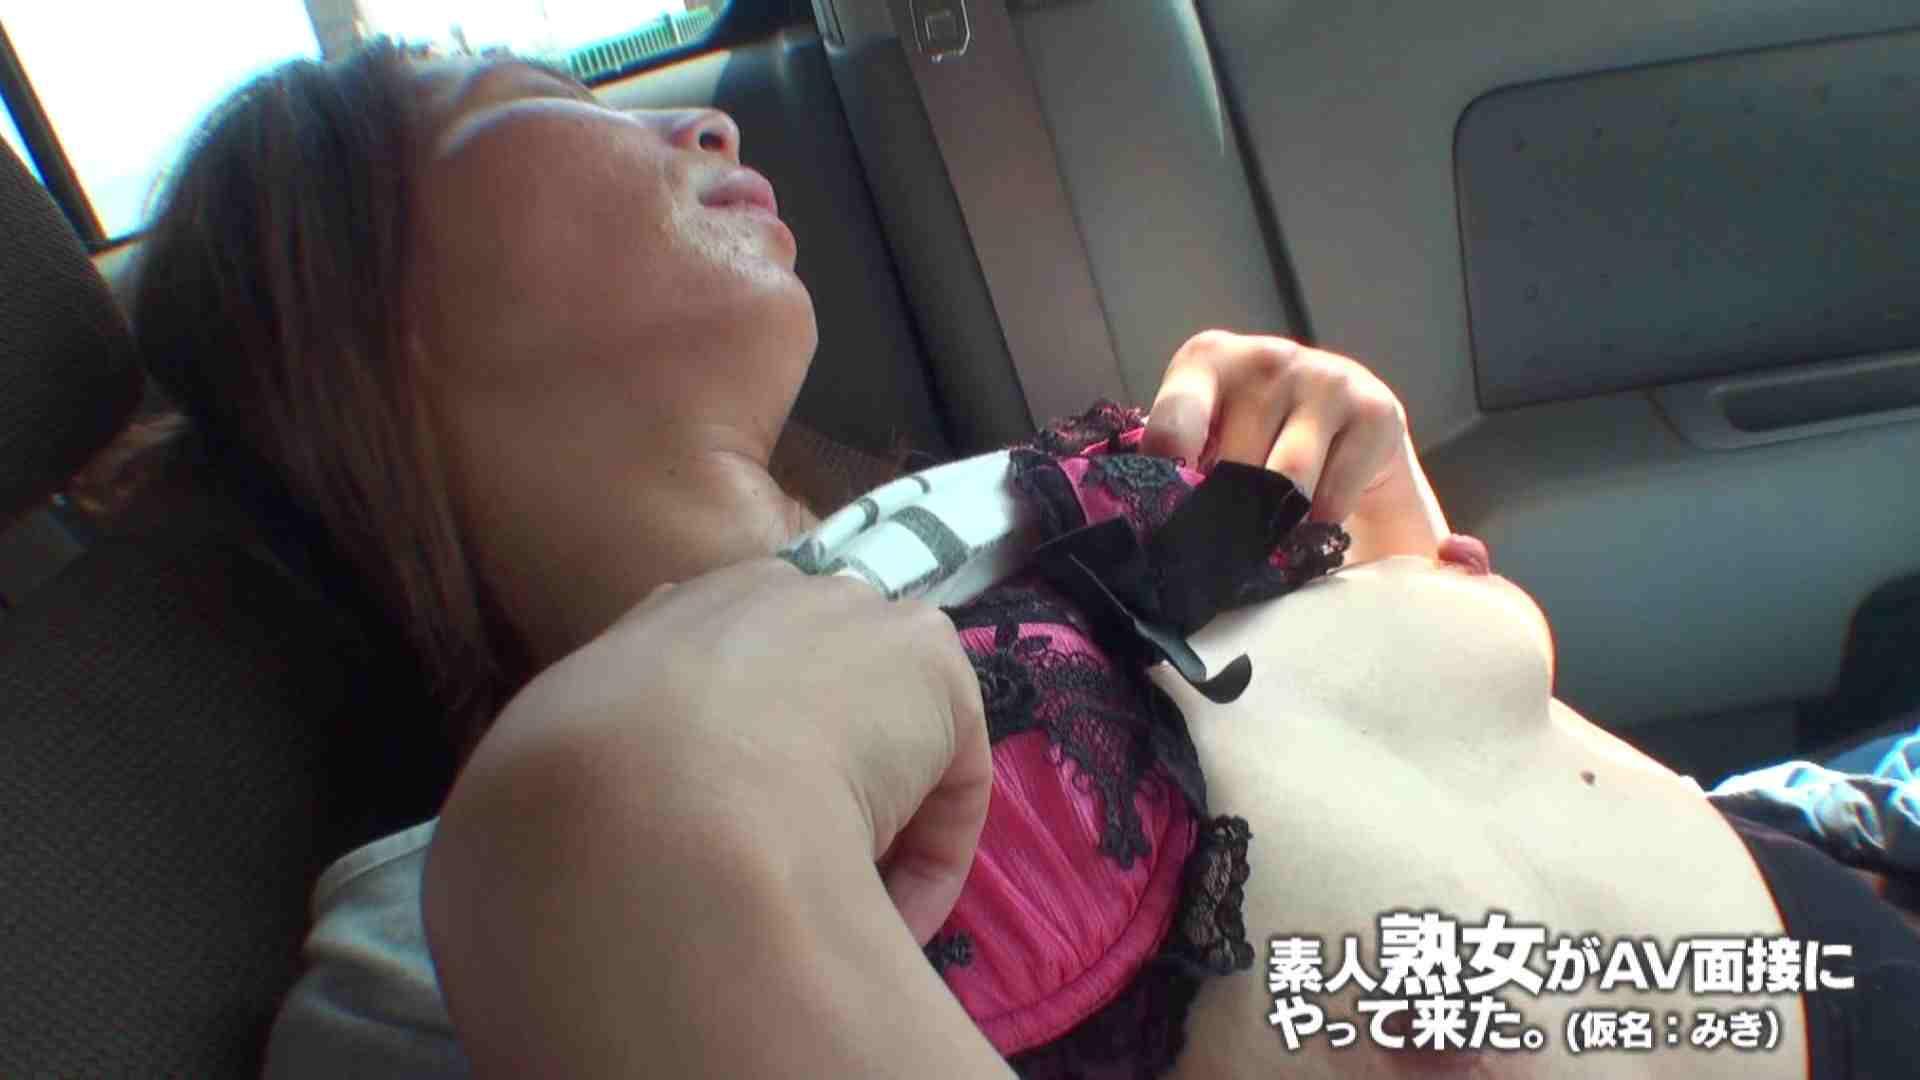 素人熟女がAV面接にやってきた (熟女)みきさんVOL.02 車 | 熟女の裸体  84画像 60